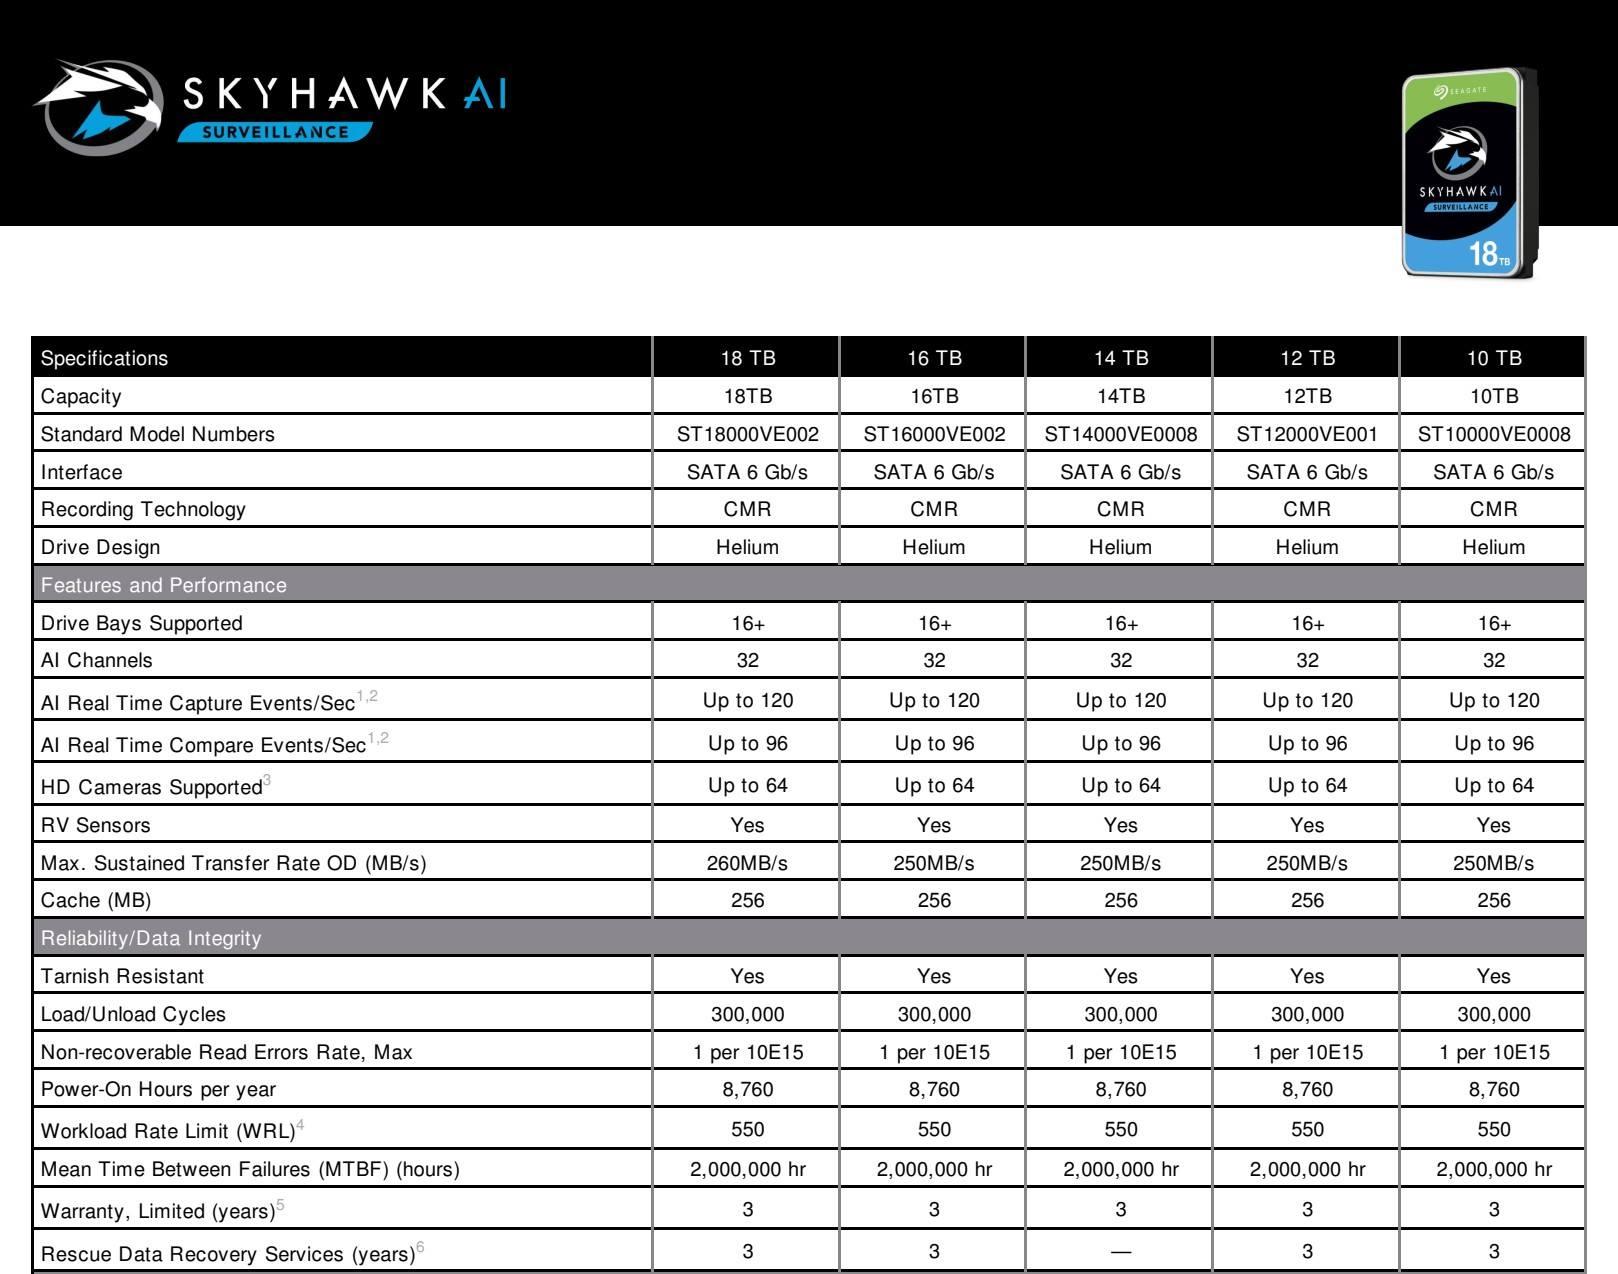 Seagate ra mắt dòng ổ cứng SkyHawk AI 18TB cho hệ thống Camera giám sát thông minh - 2